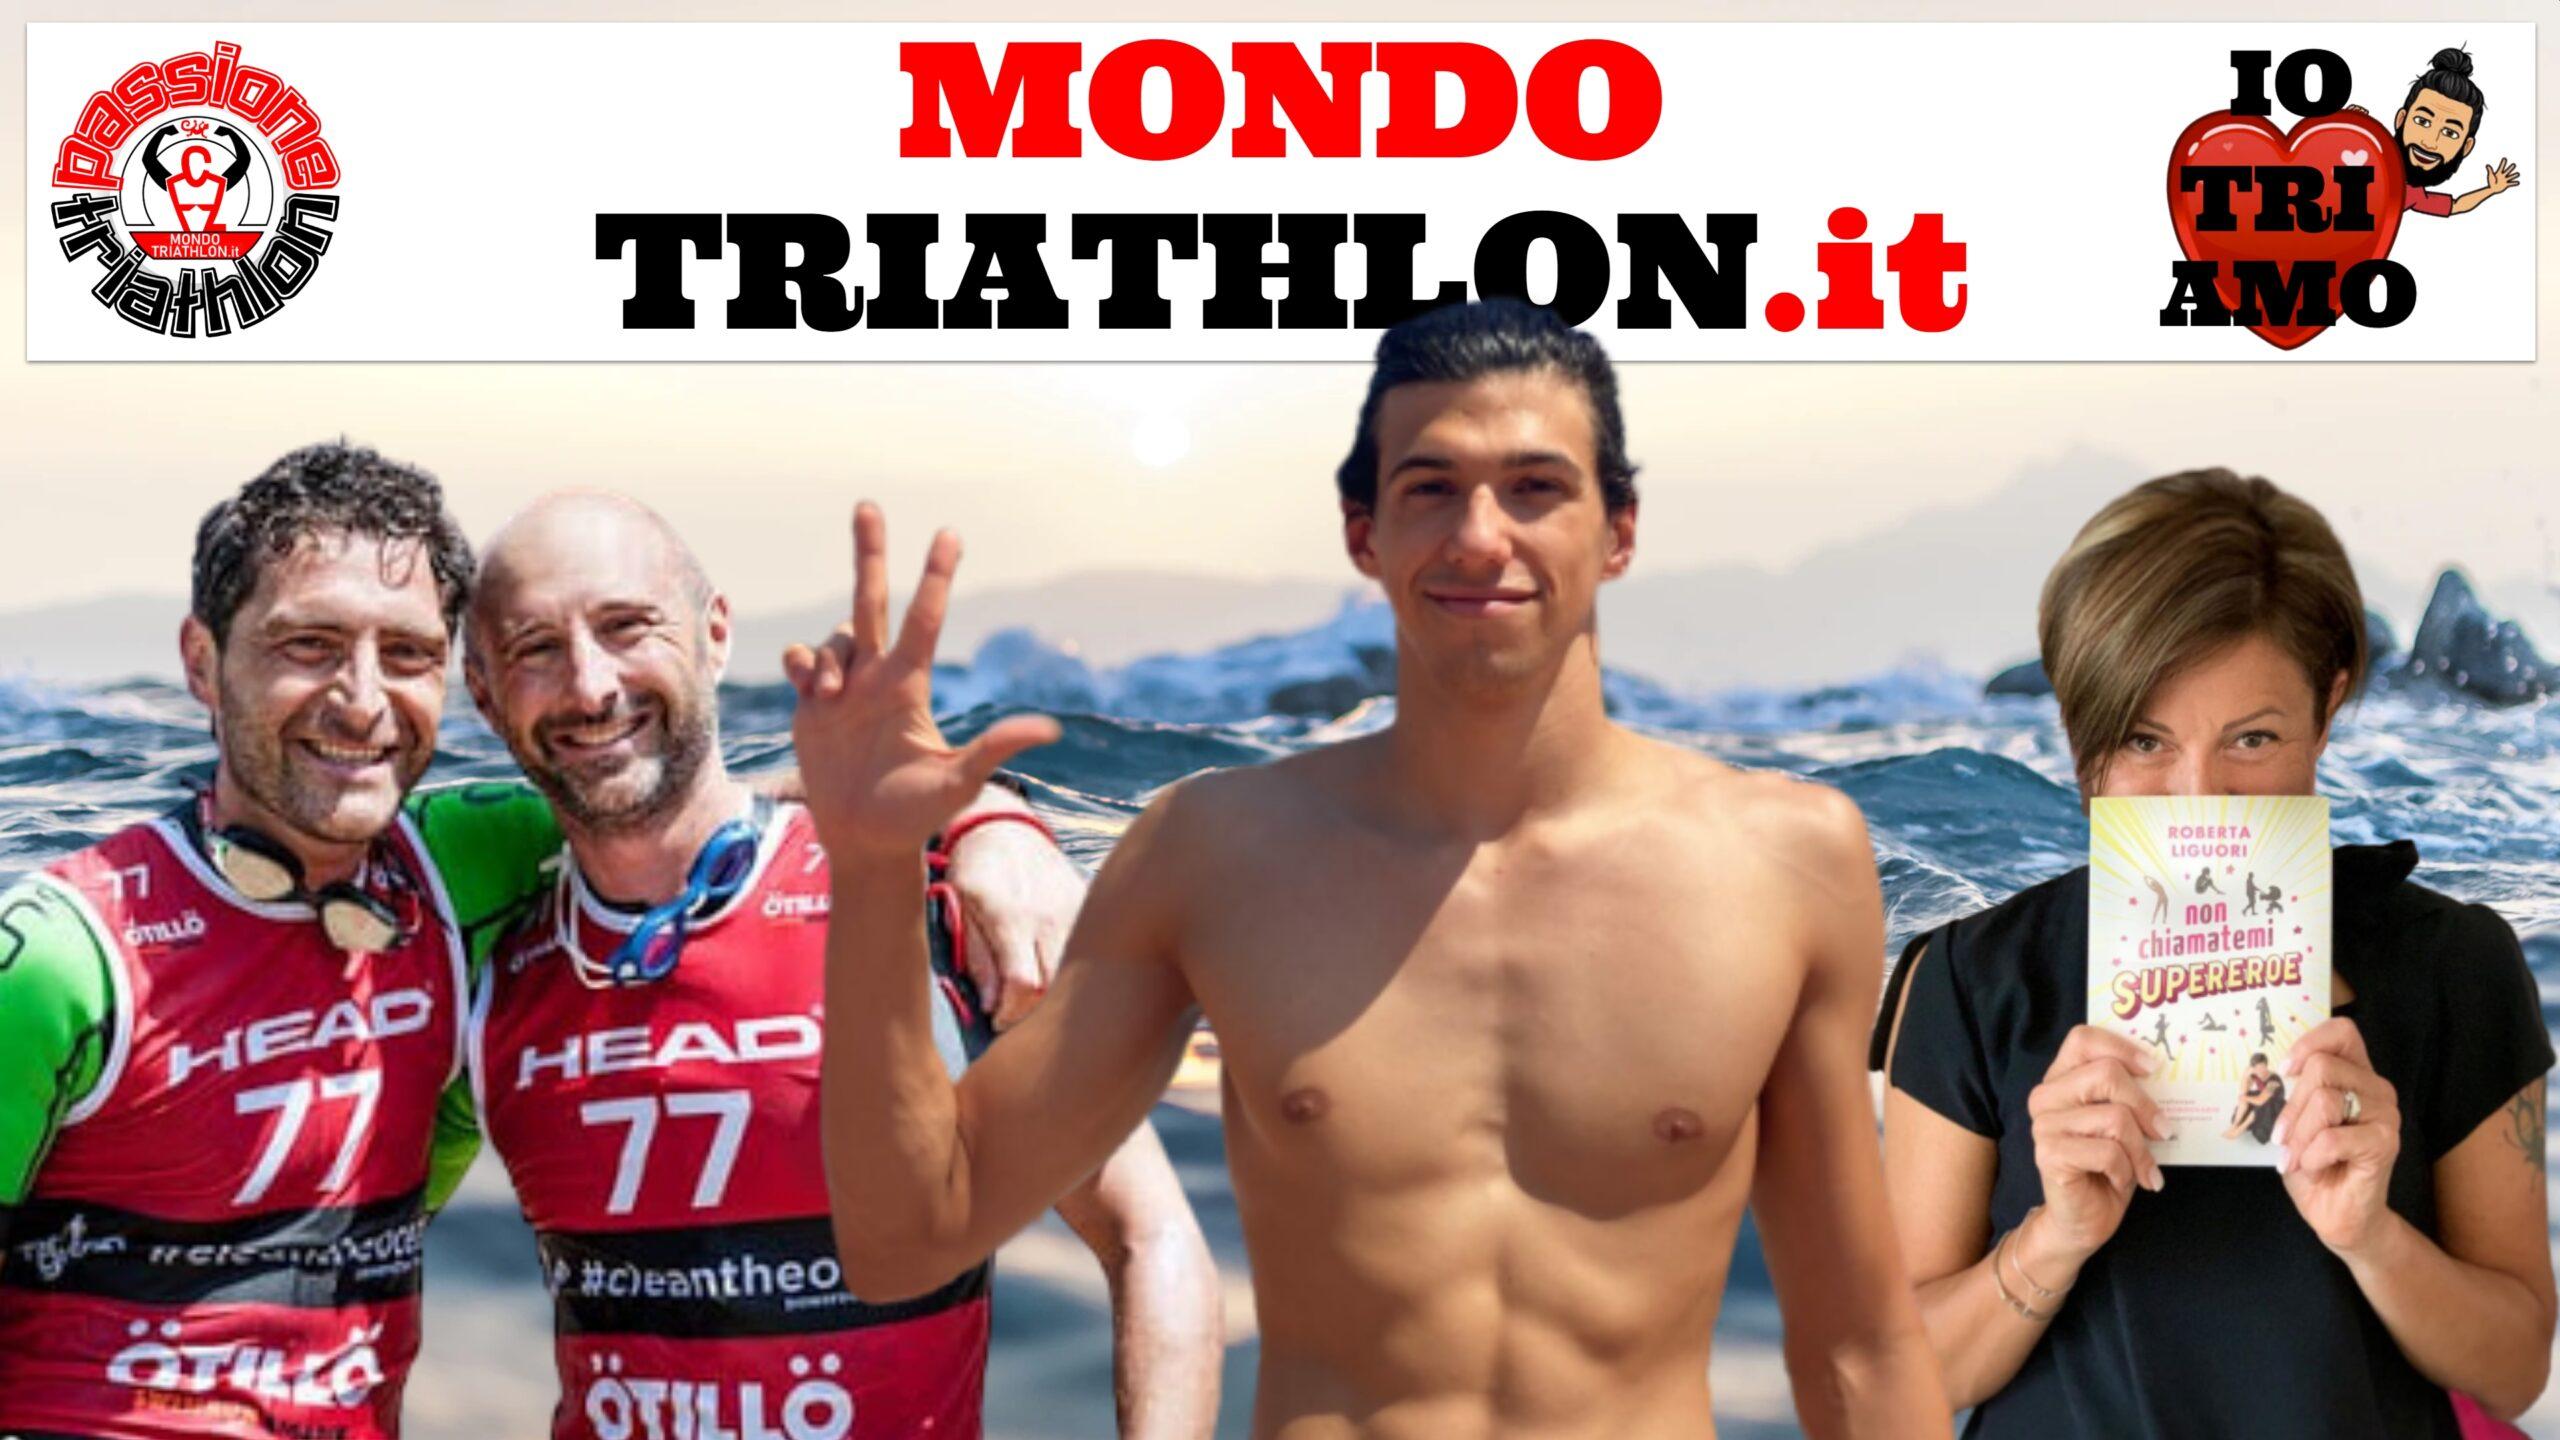 Passione Triathlon, la copertina con i protagonisti dal 17 al 21 agosto 2020: Renato Dell'Oro e Paolo Carminati, Simone Barlaam e Roberta Liguori